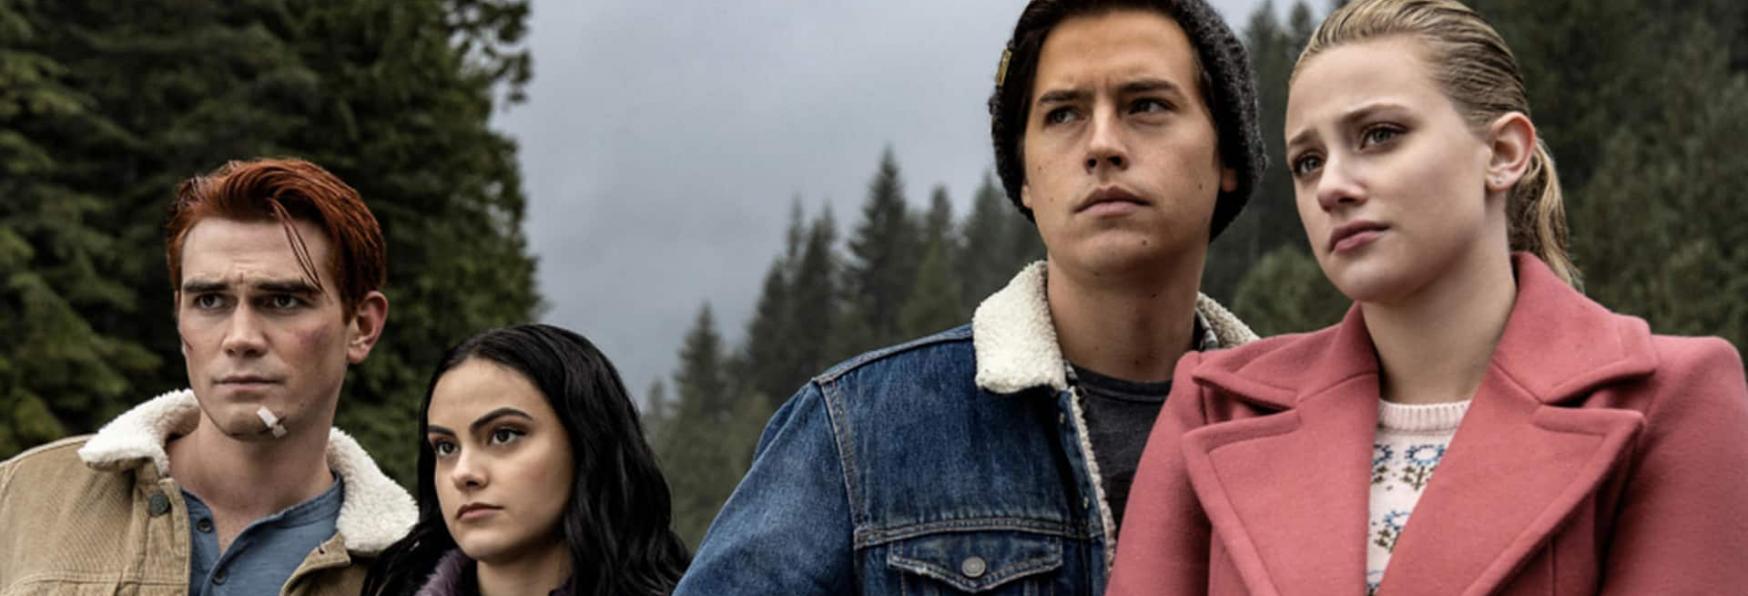 Riverdale 5: una Foto dal Set annuncia l'Inizio delle Riprese della nuova Stagione